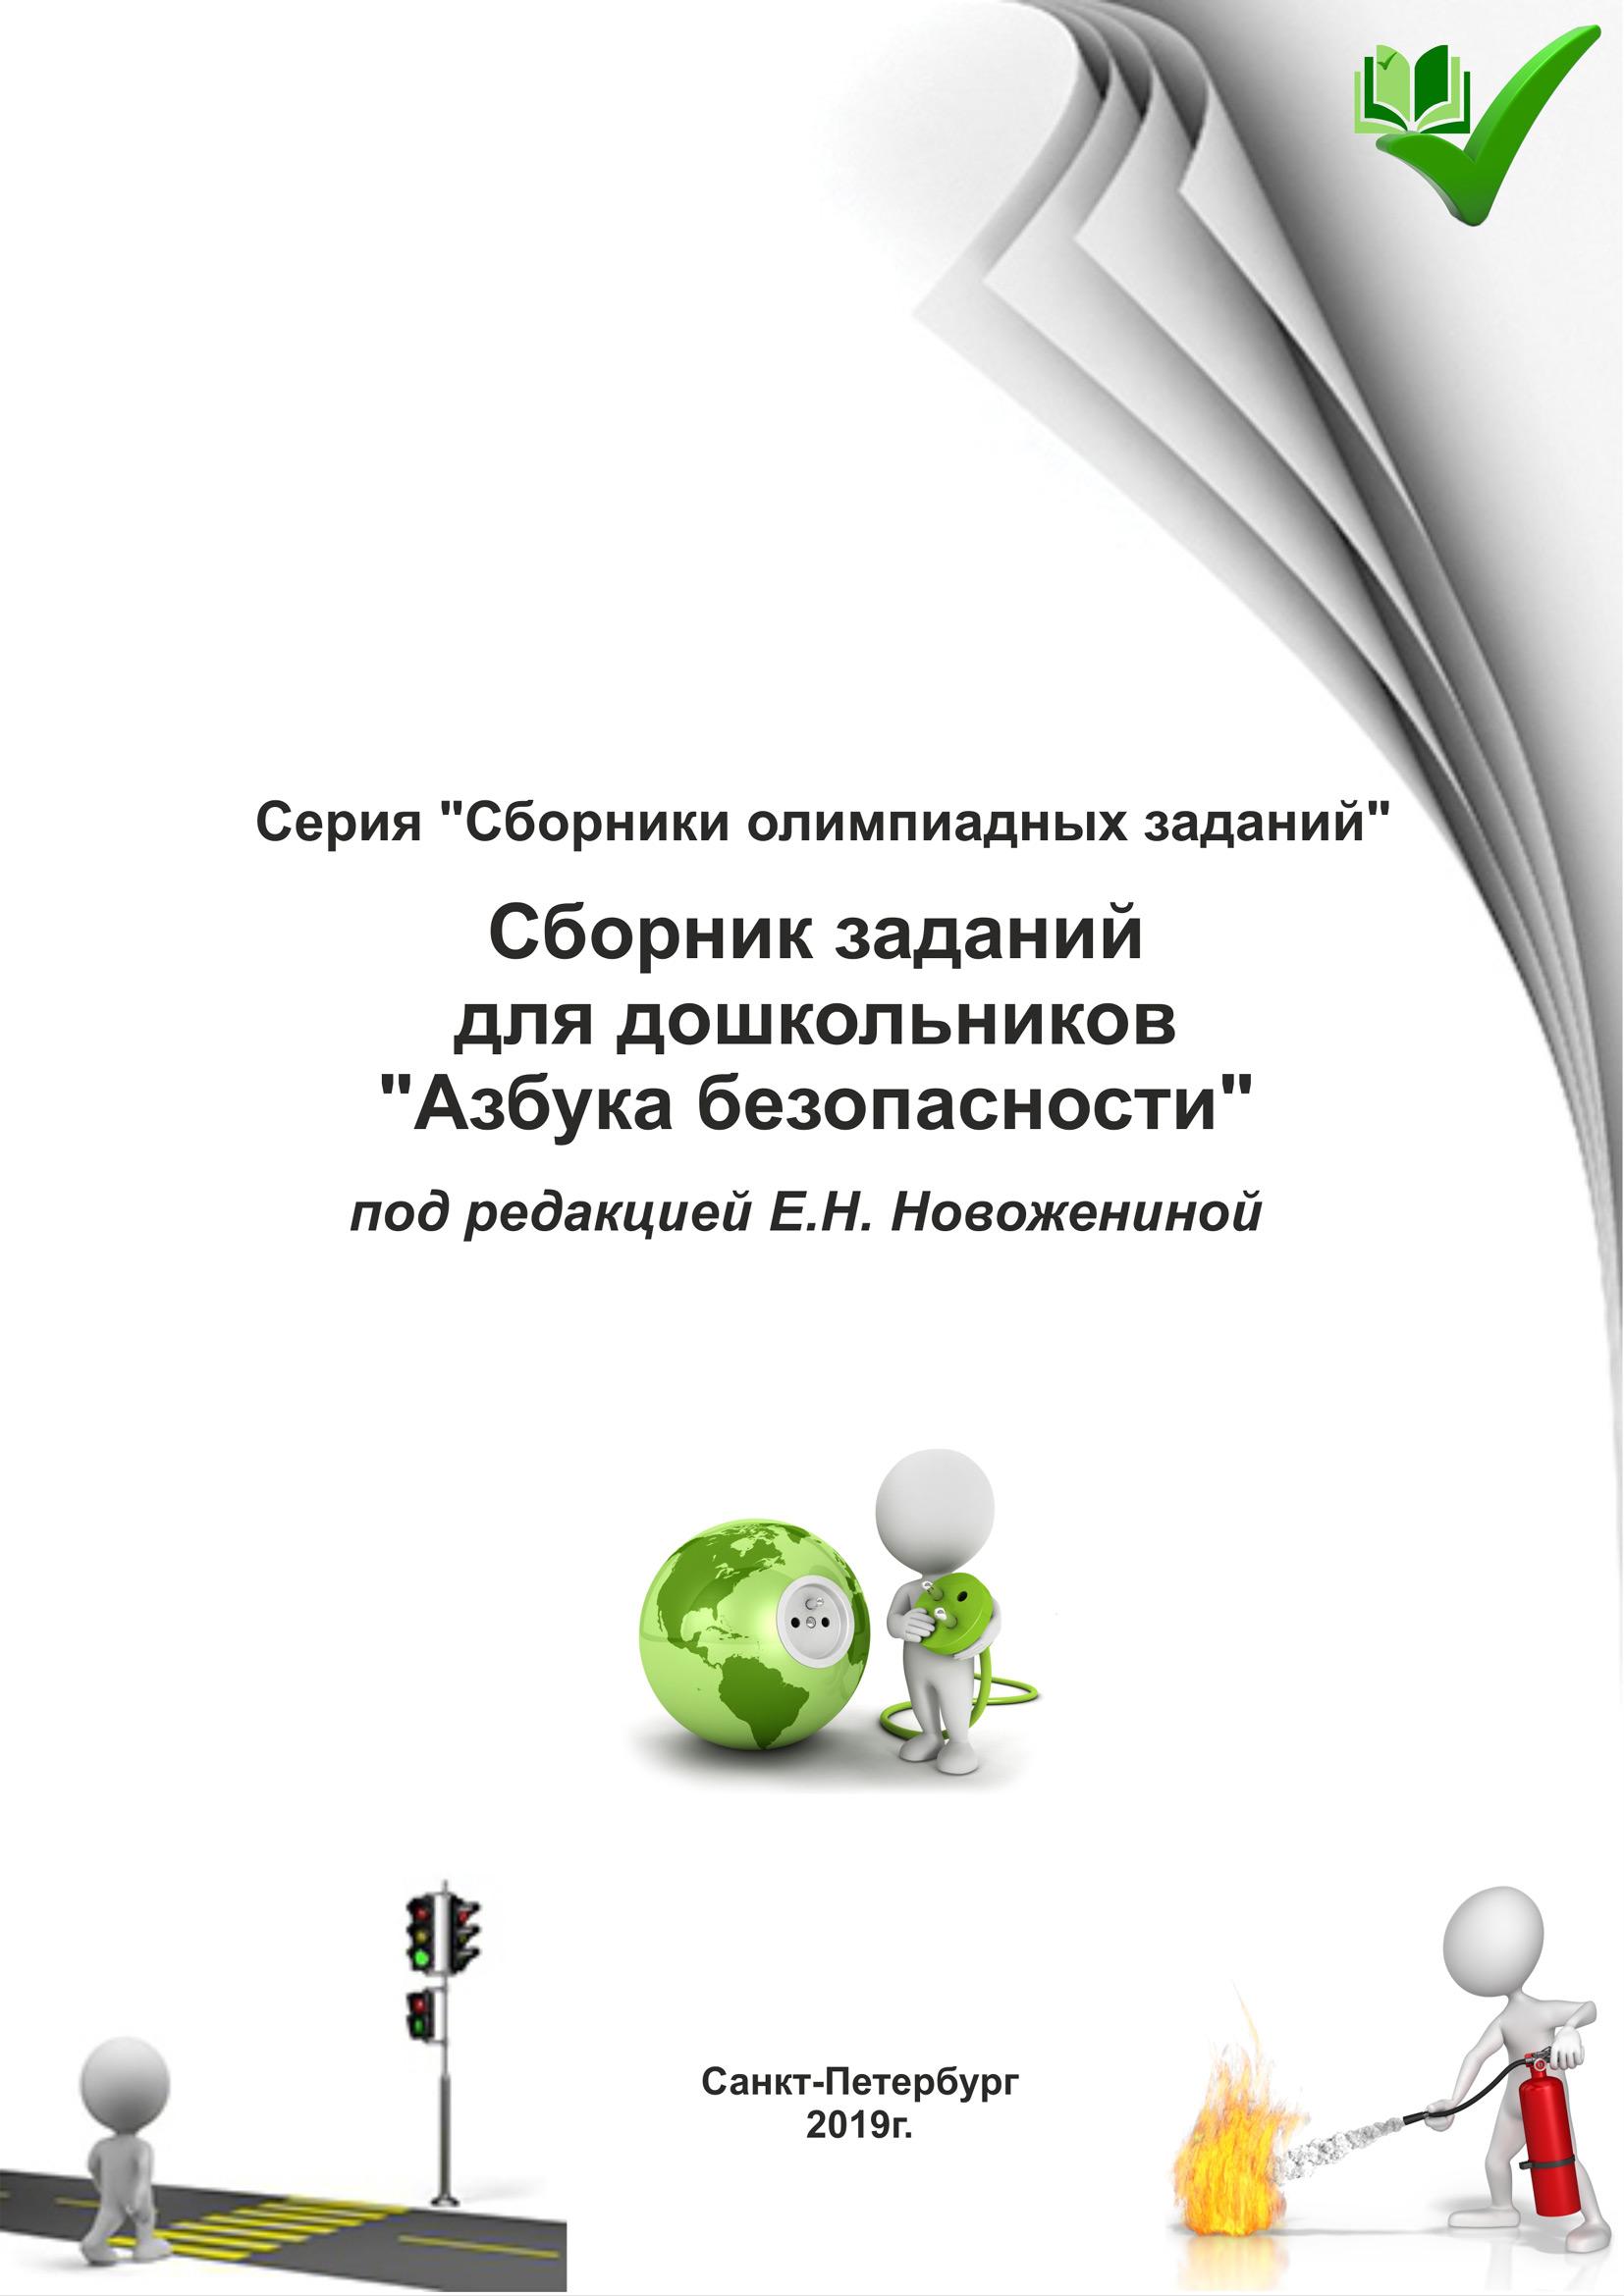 Сборник заданий для дошкольников «Азбука безопасности»